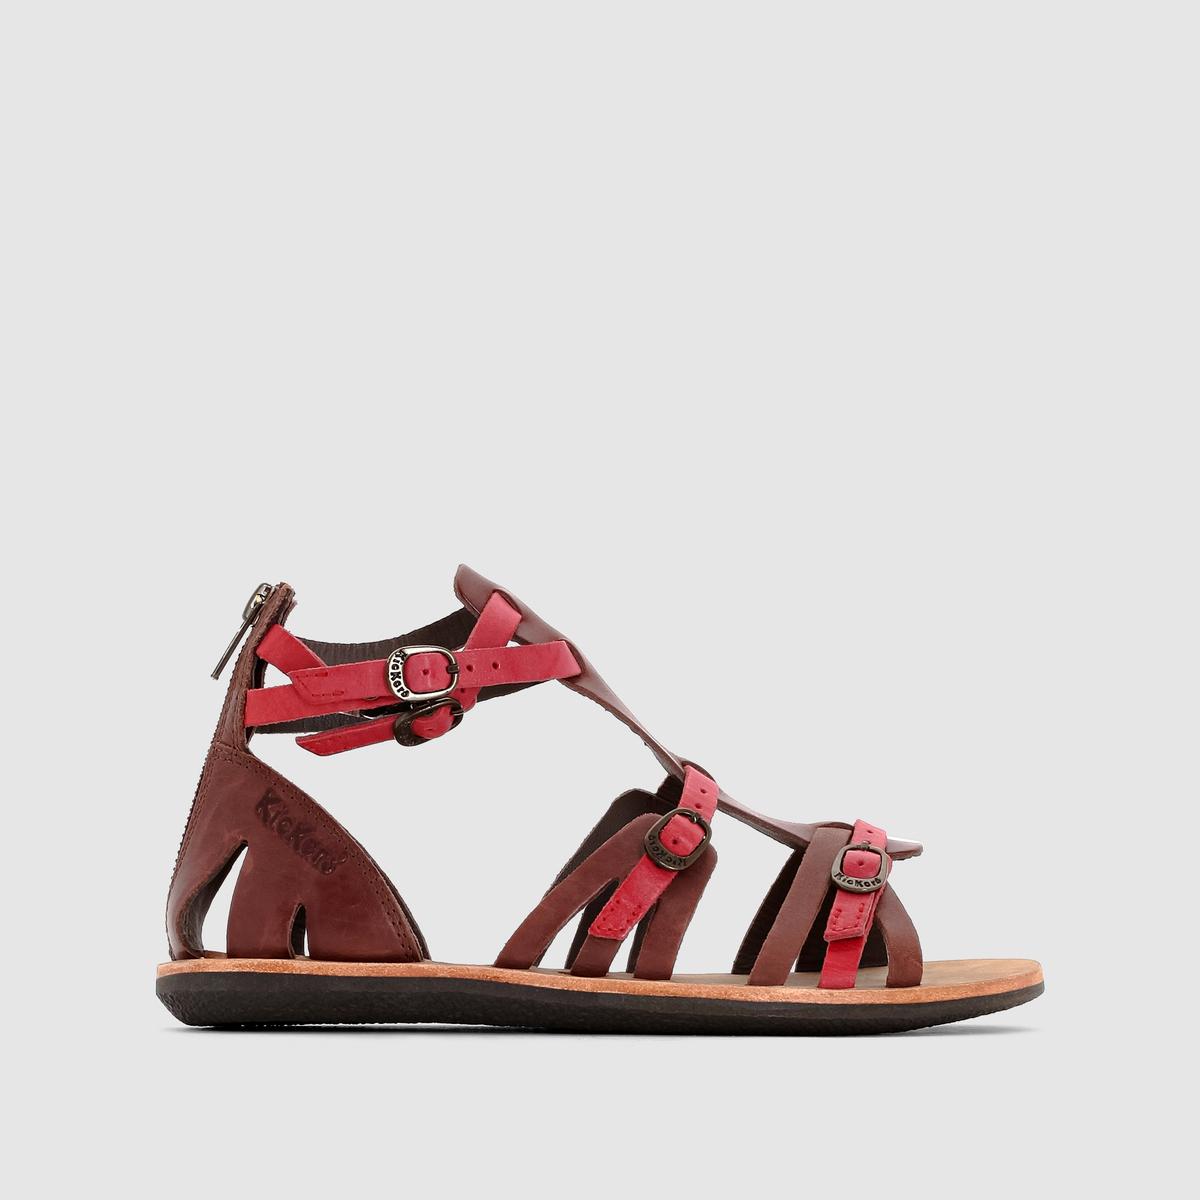 Сандалии кожаные в римском стилеСандалии  KICKERS, модель Spartatien. Верх: 100% кожи.Подкладка: 100% невыделанной кожи.Стелька: 100% кожи.Подошва: 100% каучука.Застежка: ремешок с пряжкой на щиколотке и 2 сверху.Высота каблука: 1,5 см Супер-практичные и очень модные кожаные сандалии в римском стиле от Kickers: комфорт и стиль ваших летних образов!<br><br>Цвет: каштановый / красный<br>Размер: 40